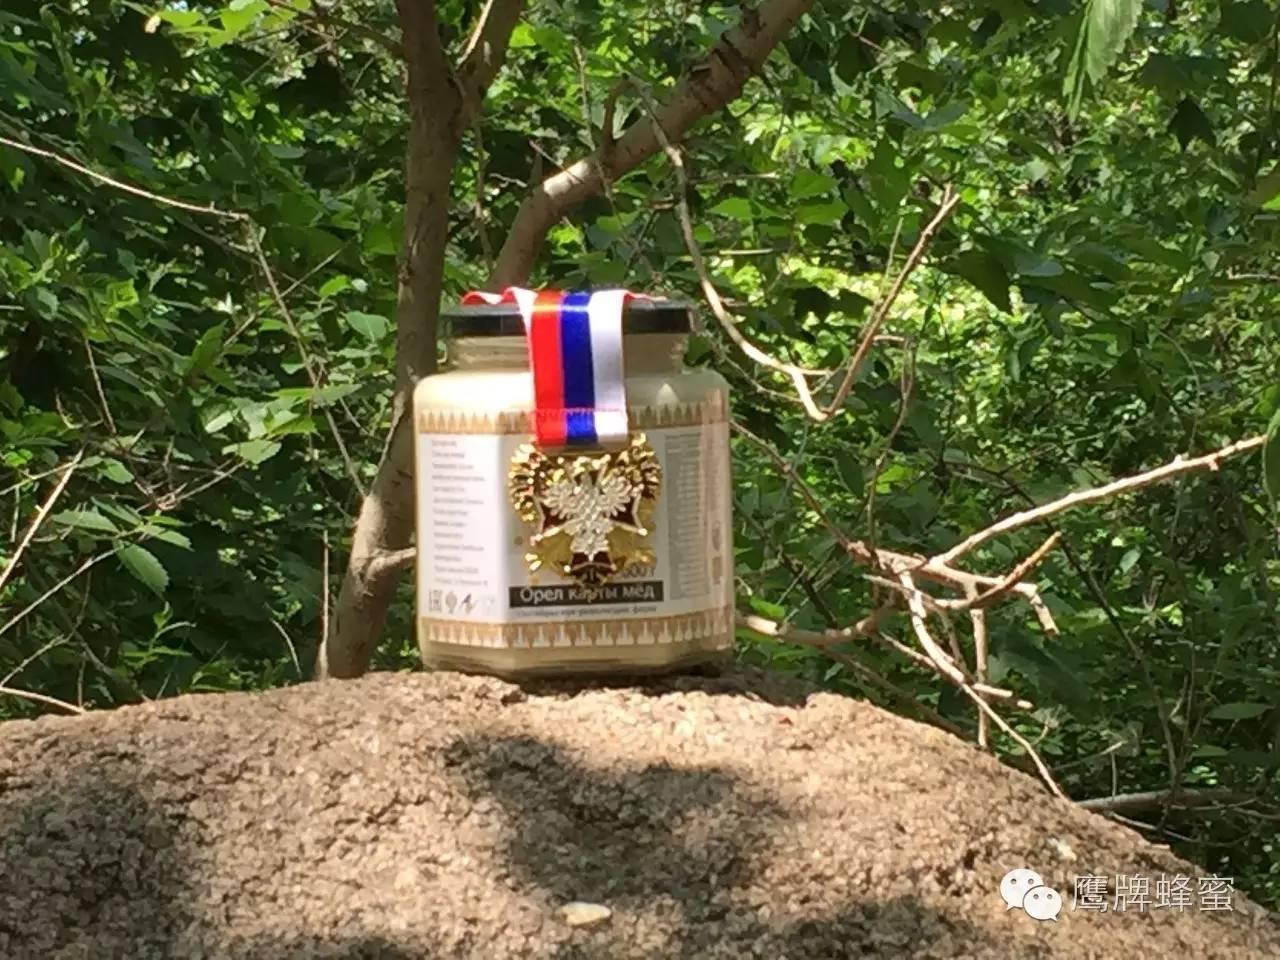 养殖技术 纯蜂蜜面膜 花粉 冠生园蜂蜜价格 三七粉蜂蜜面膜